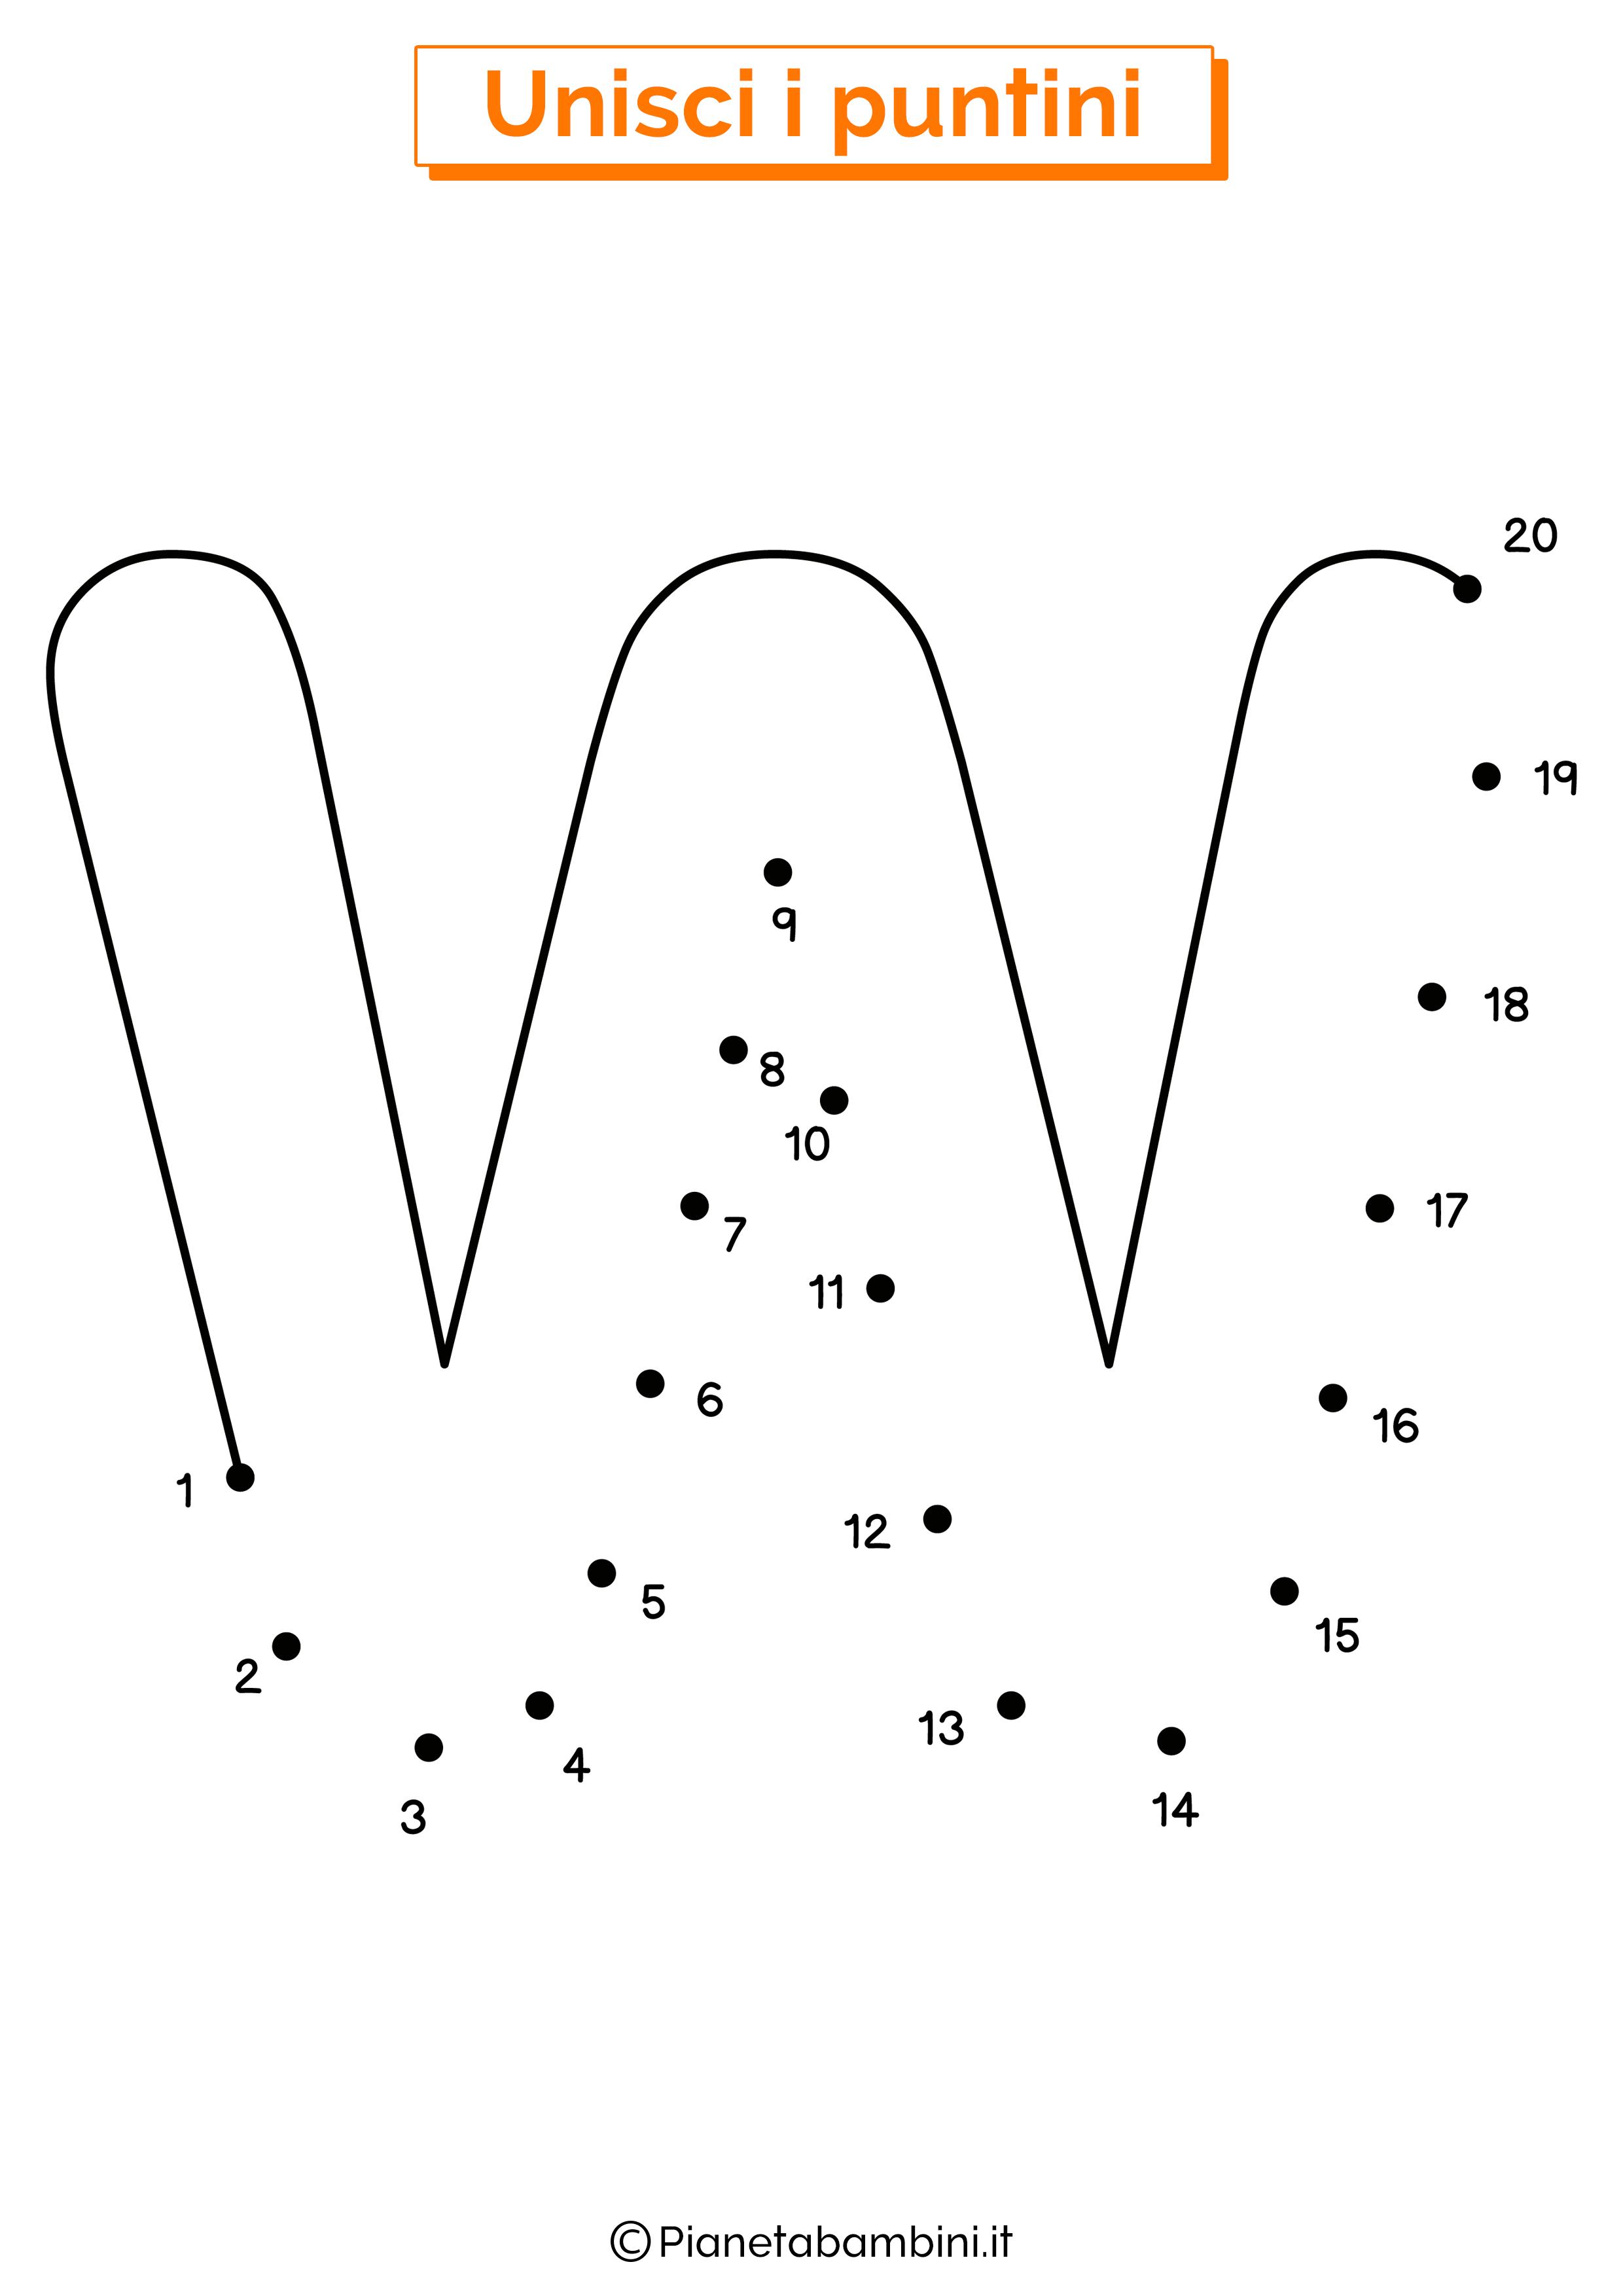 Unisci i puntini con la lettera W